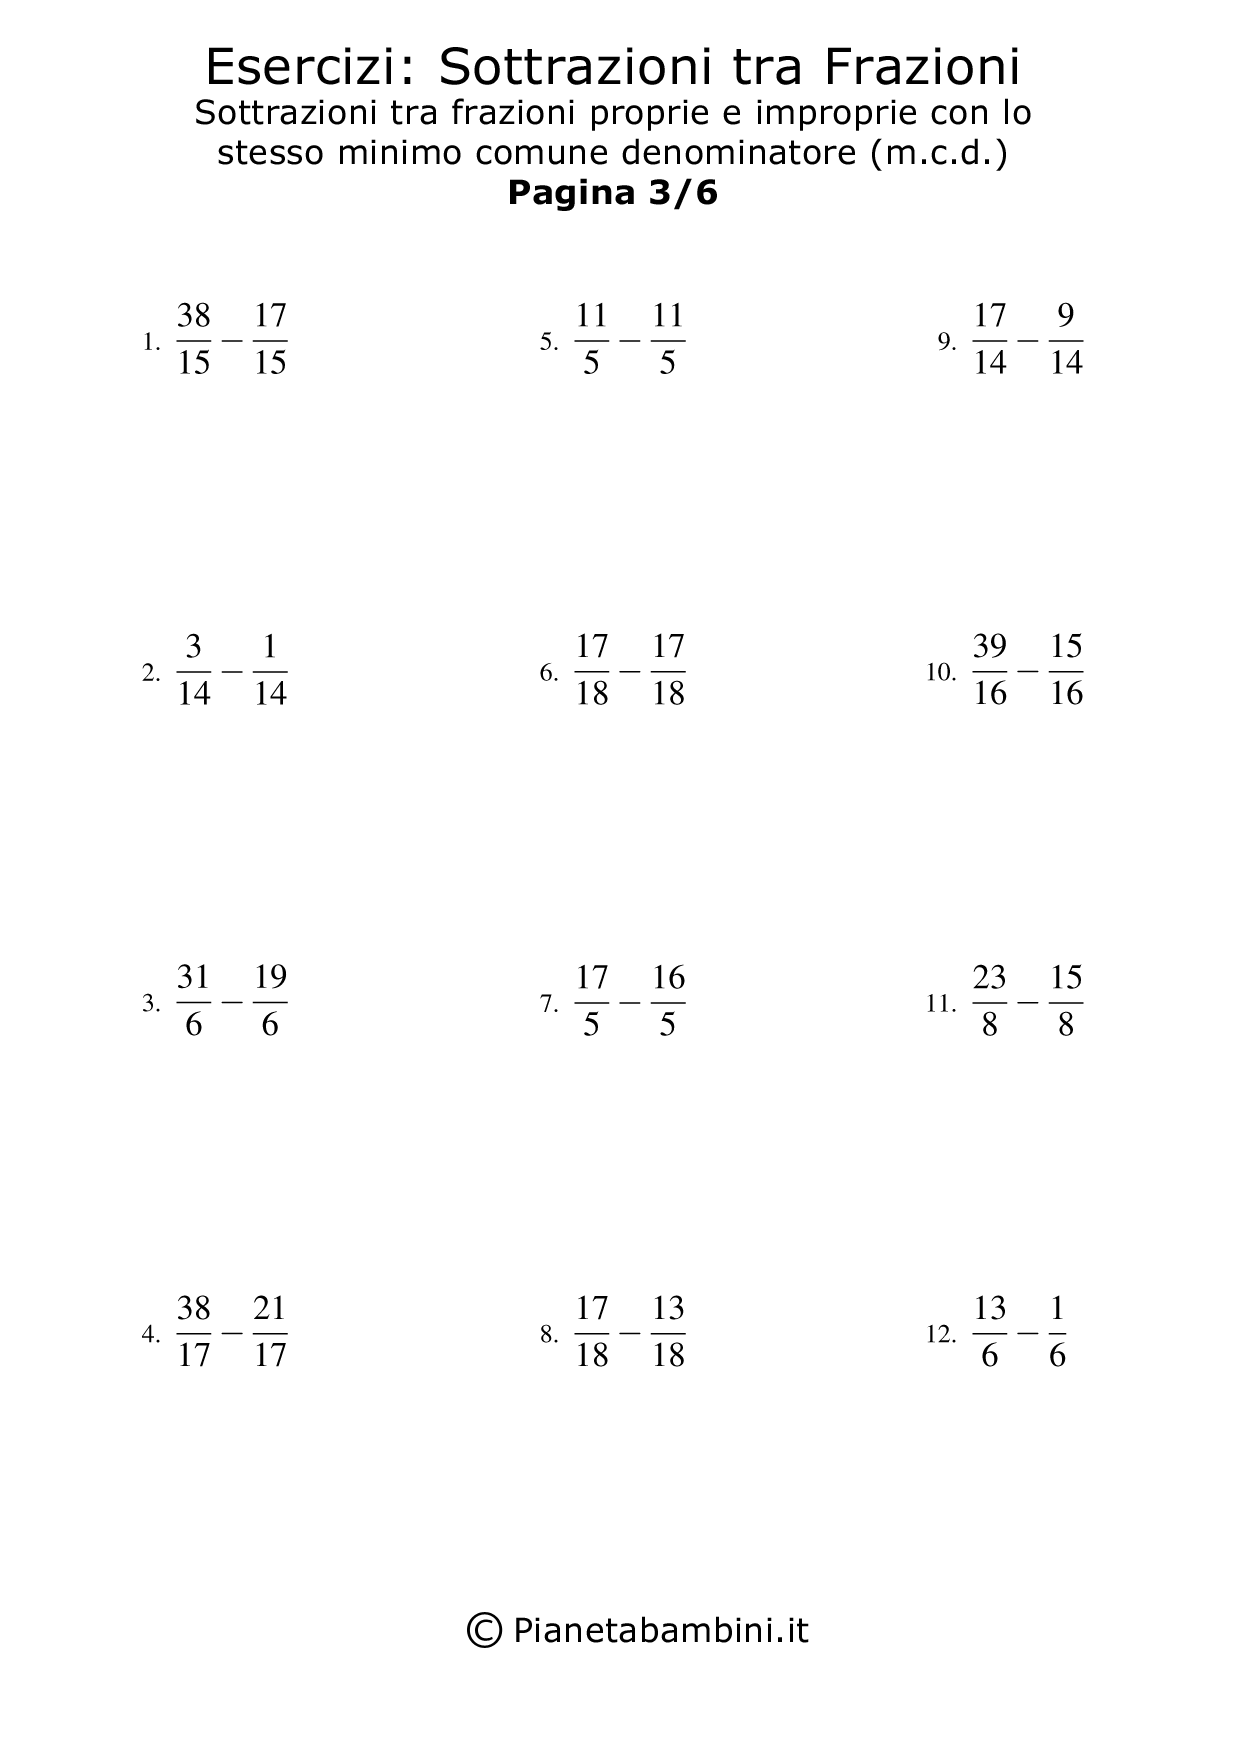 Sottrazioni-Frazioni-m.c.d.-Uguale_3